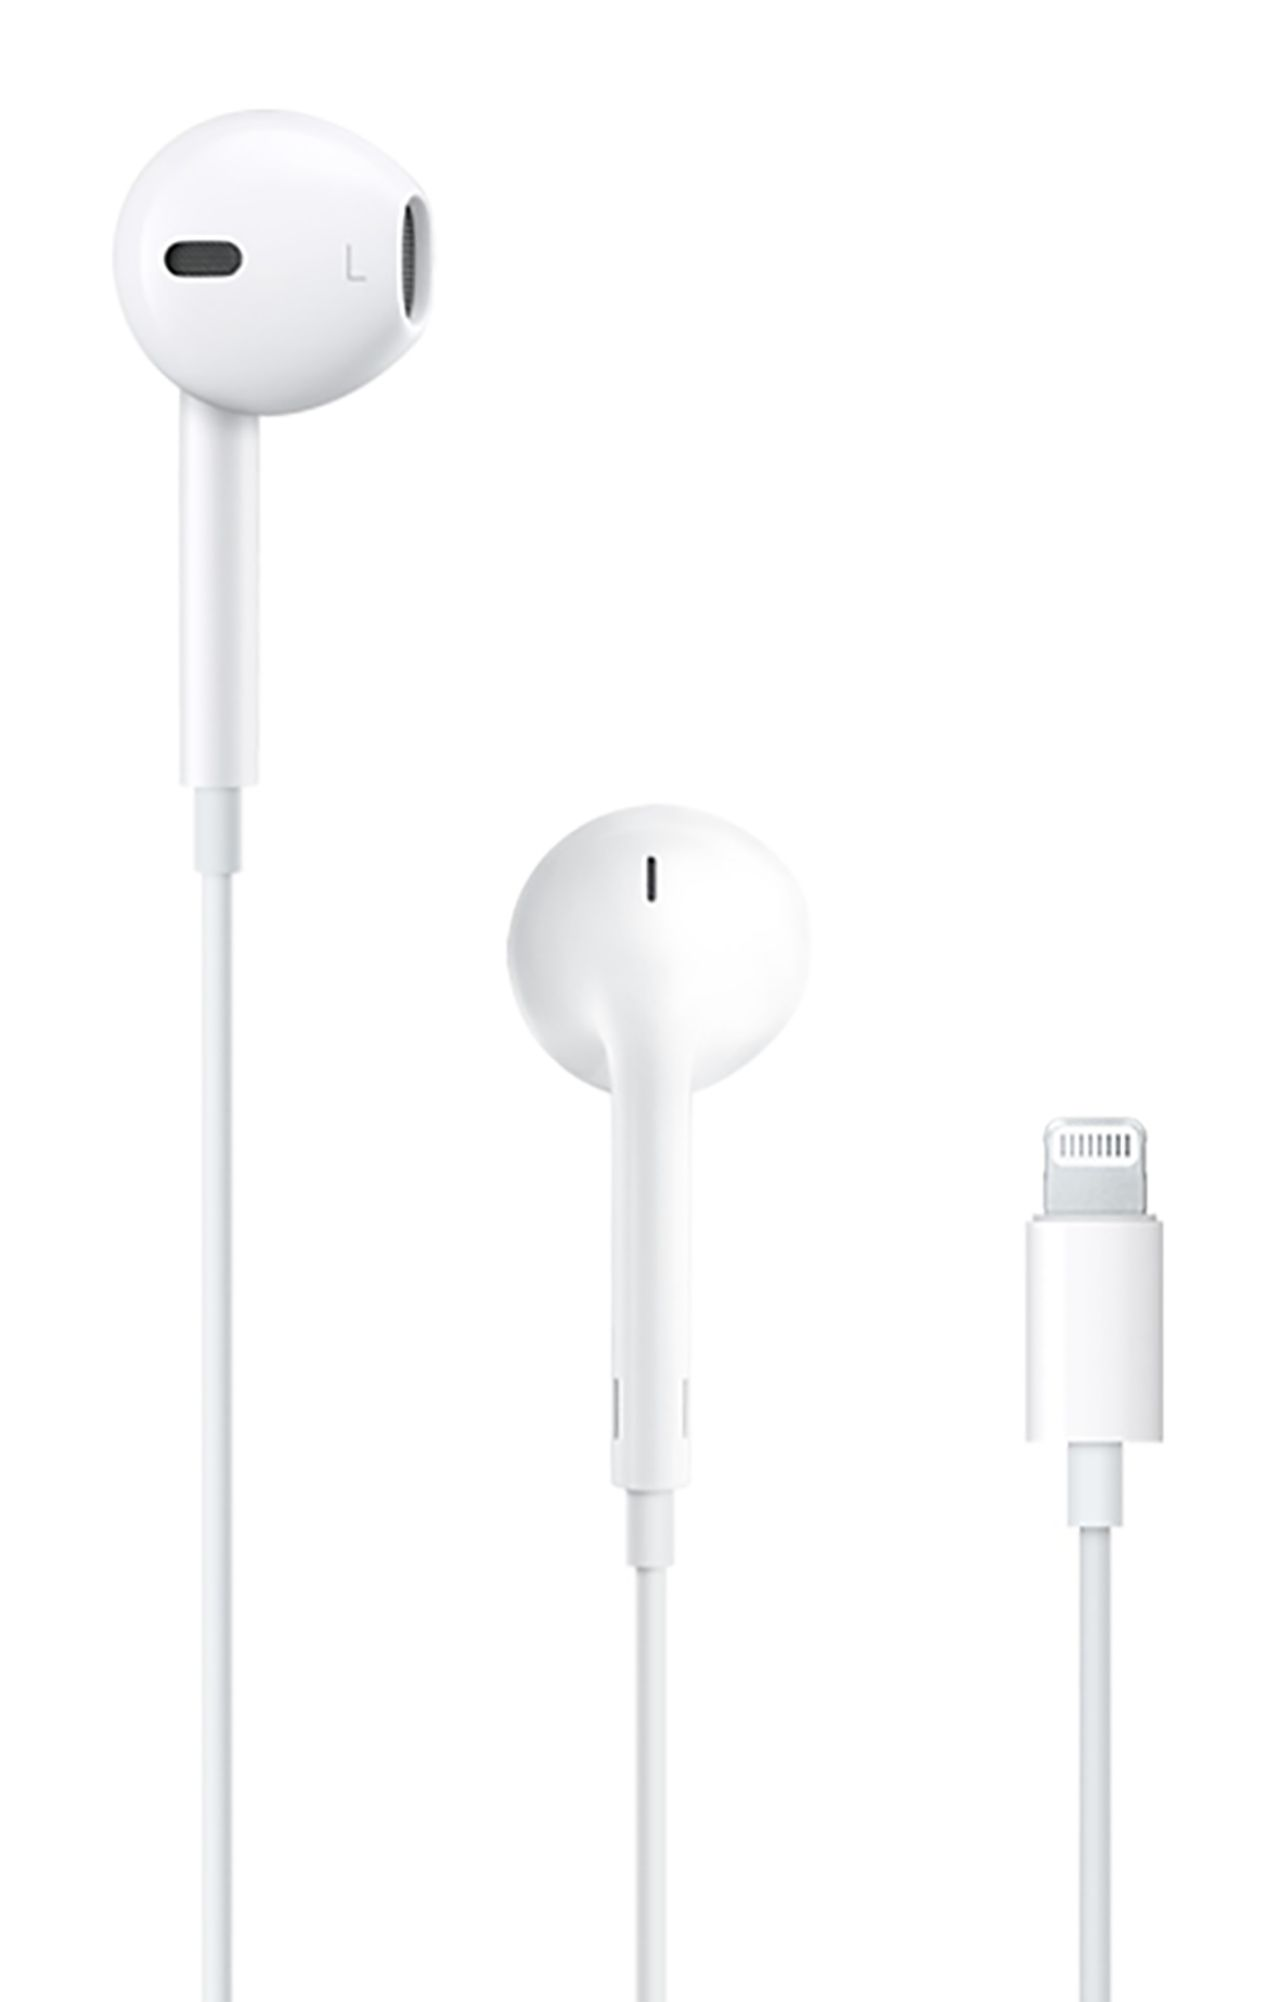 Apple Earpods With Lightning Connector Walmart Com In 2021 Apple Earphones Iphone Earbuds Apple Headphone